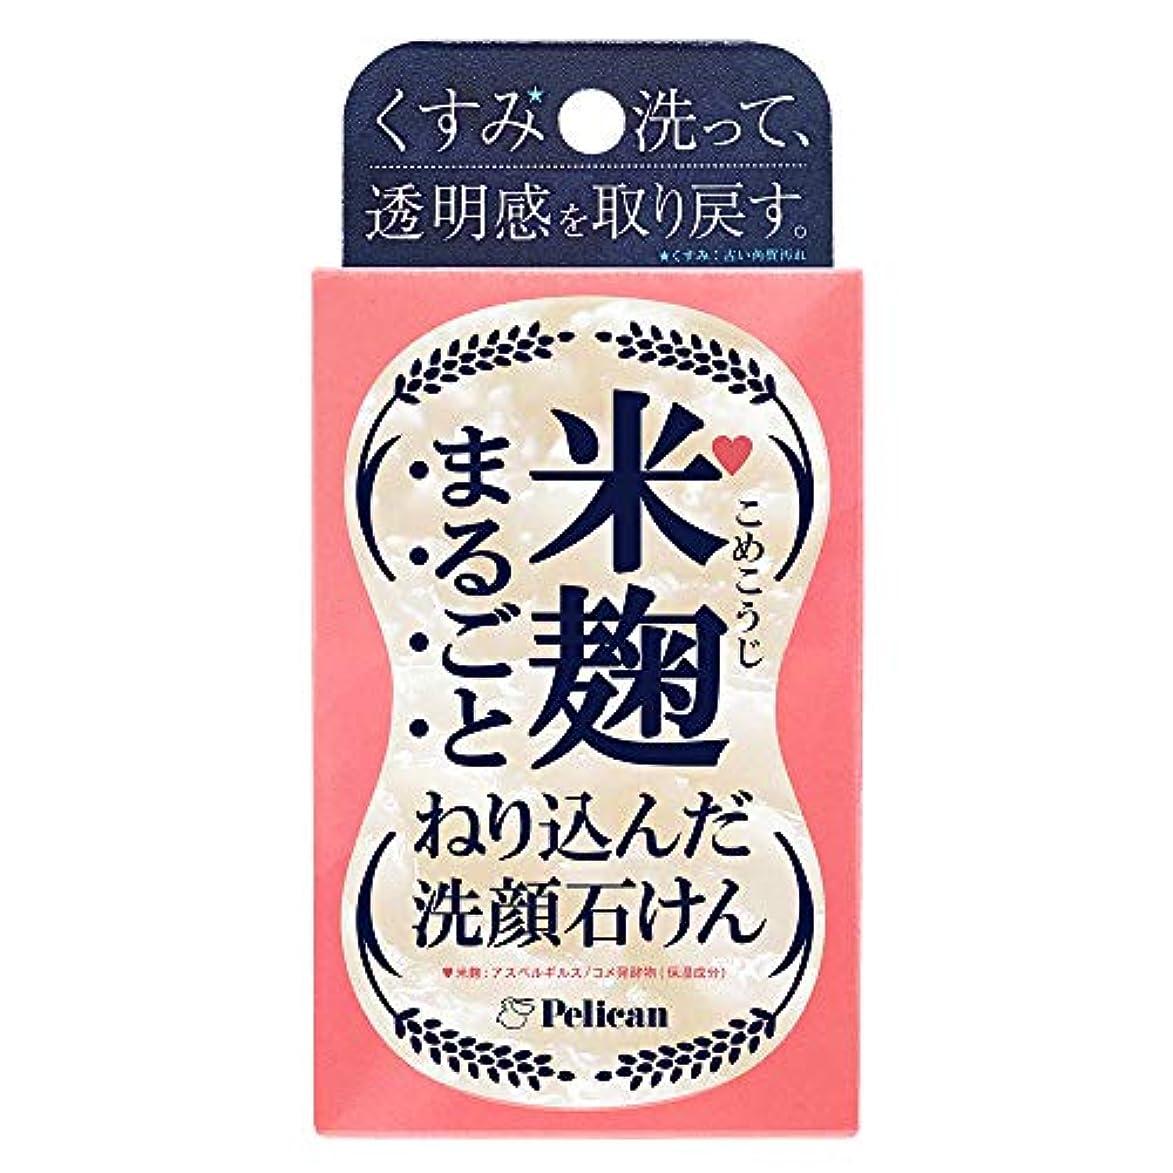 最も貧困抵当ペリカン石鹸 米麹まるごとねり込んだ洗顔石けん 75g